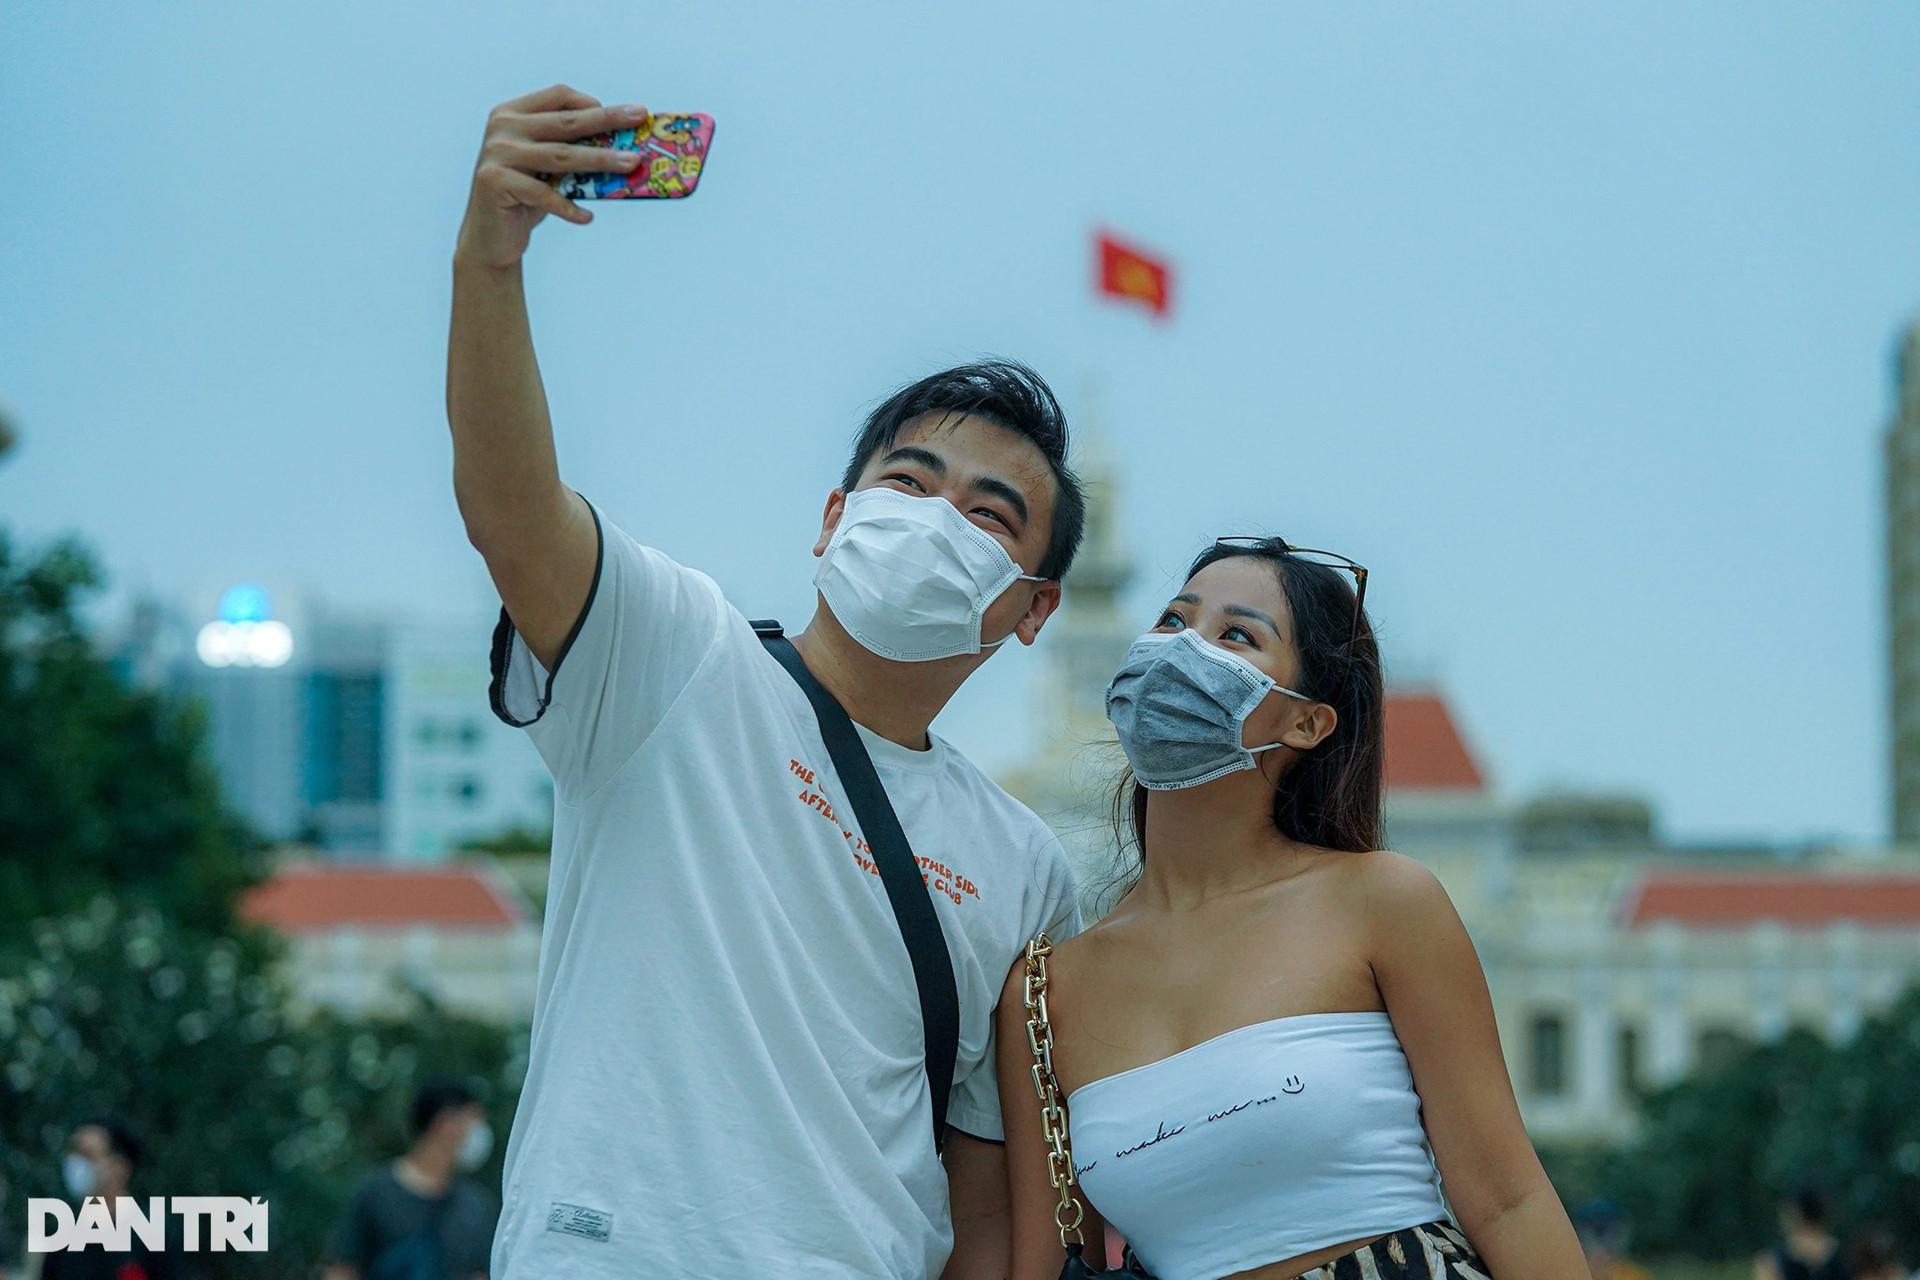 Phố đi bộ Nguyễn Huệ nhộn nhịp ngày cuối tuần khi TPHCM mở cửa - 2